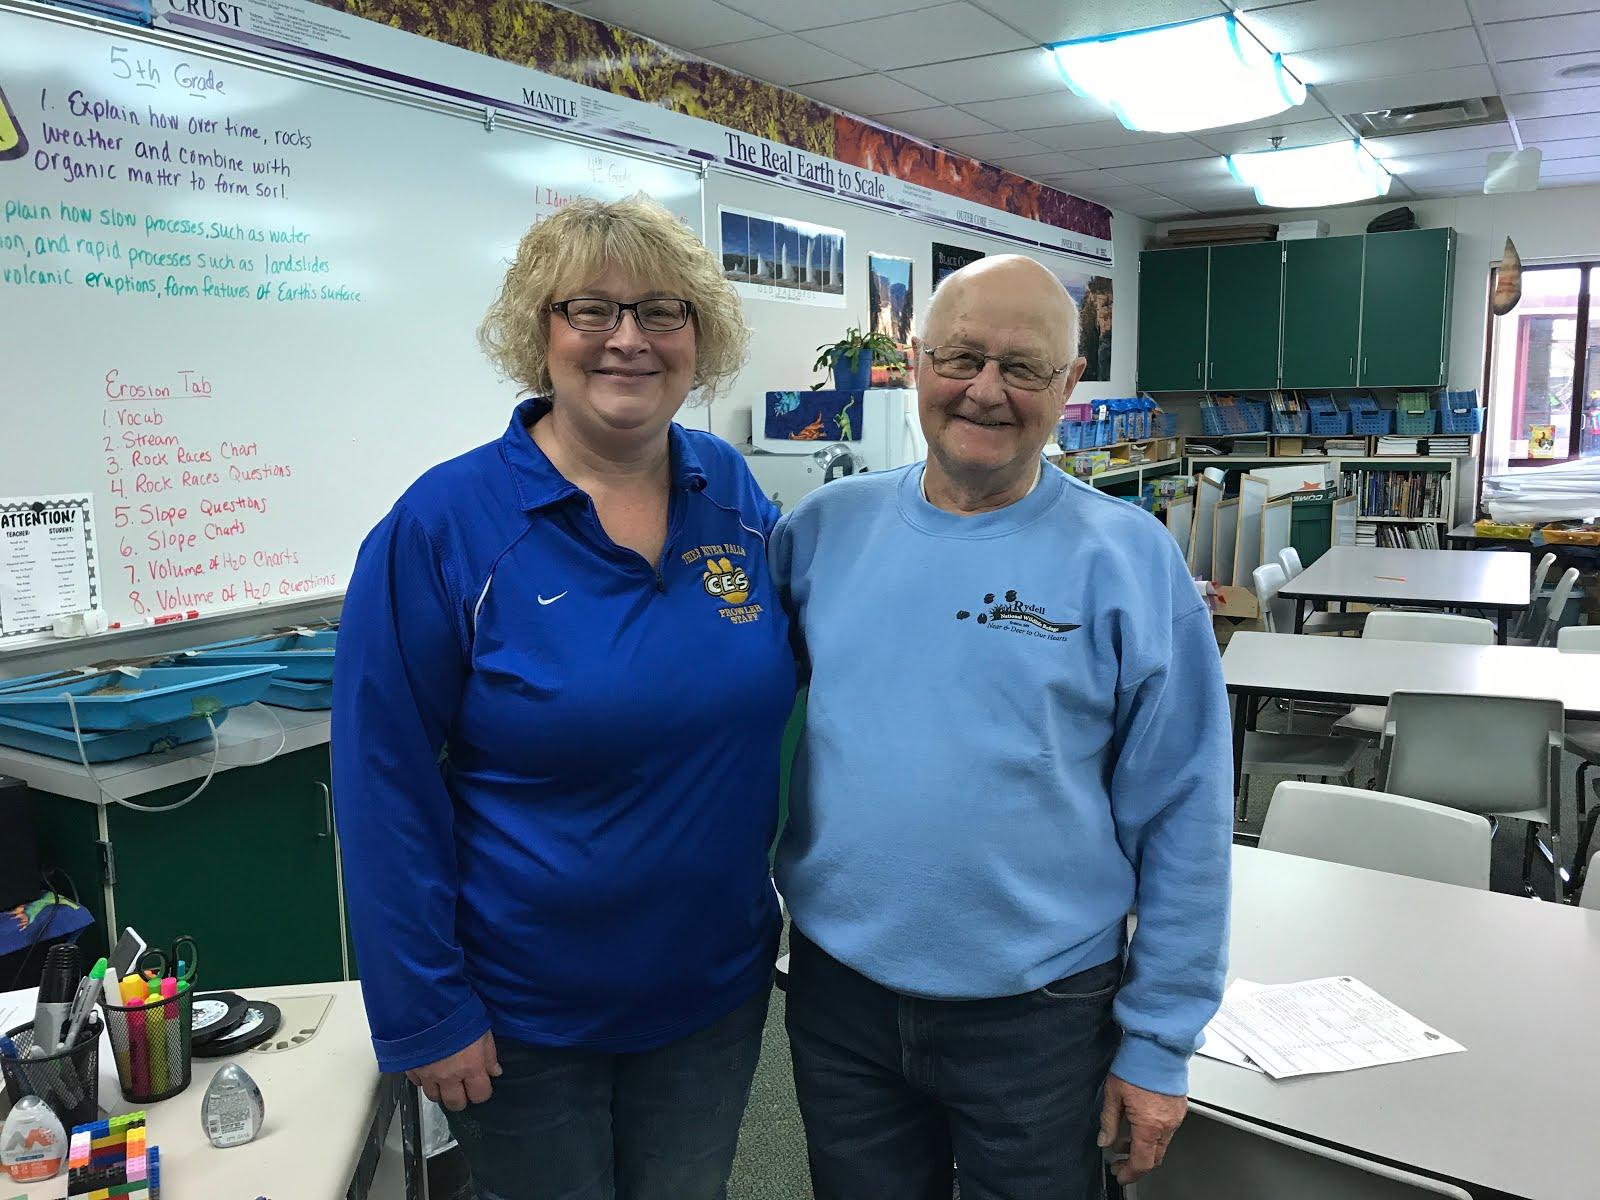 Meet Mrs. Miller & Kenny!